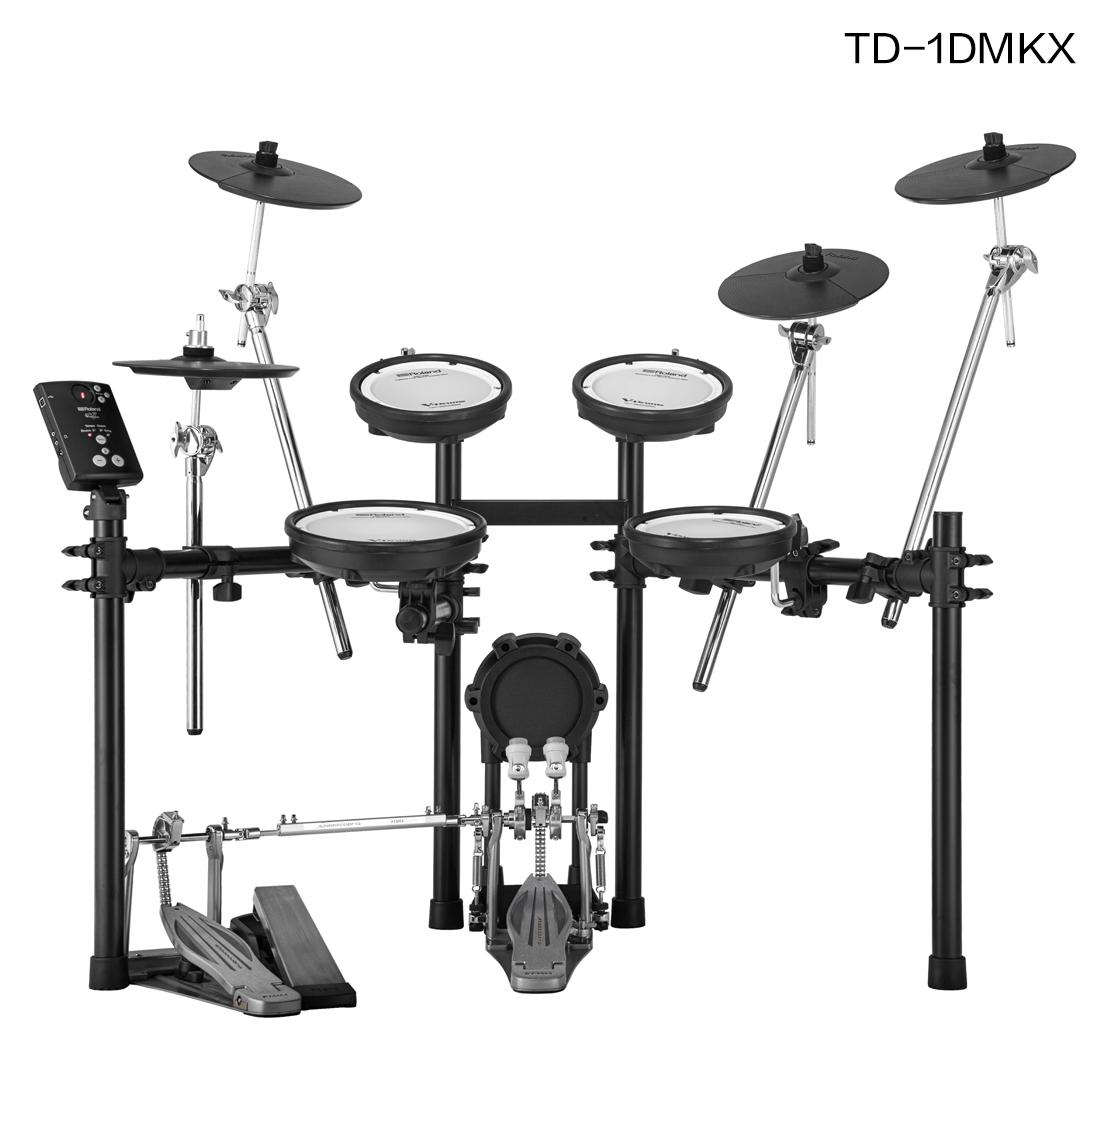 TD-1DMK